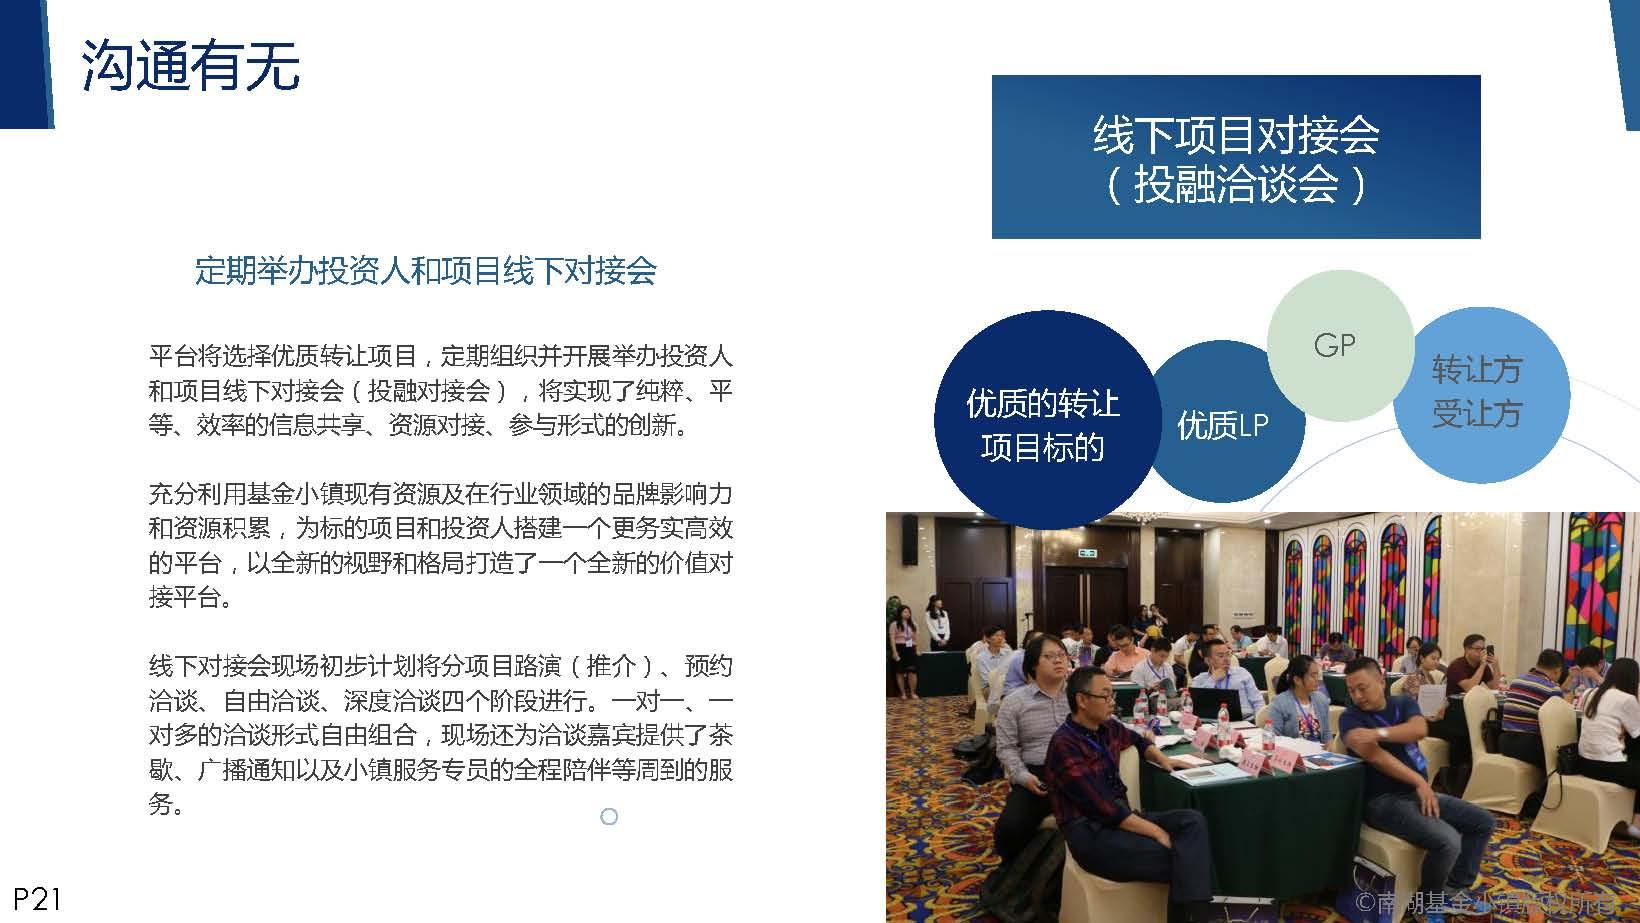 南湖基金小镇投融圈-内部转让信息对接服务平台介绍(6月26日修改稿)_页面_21.jpg